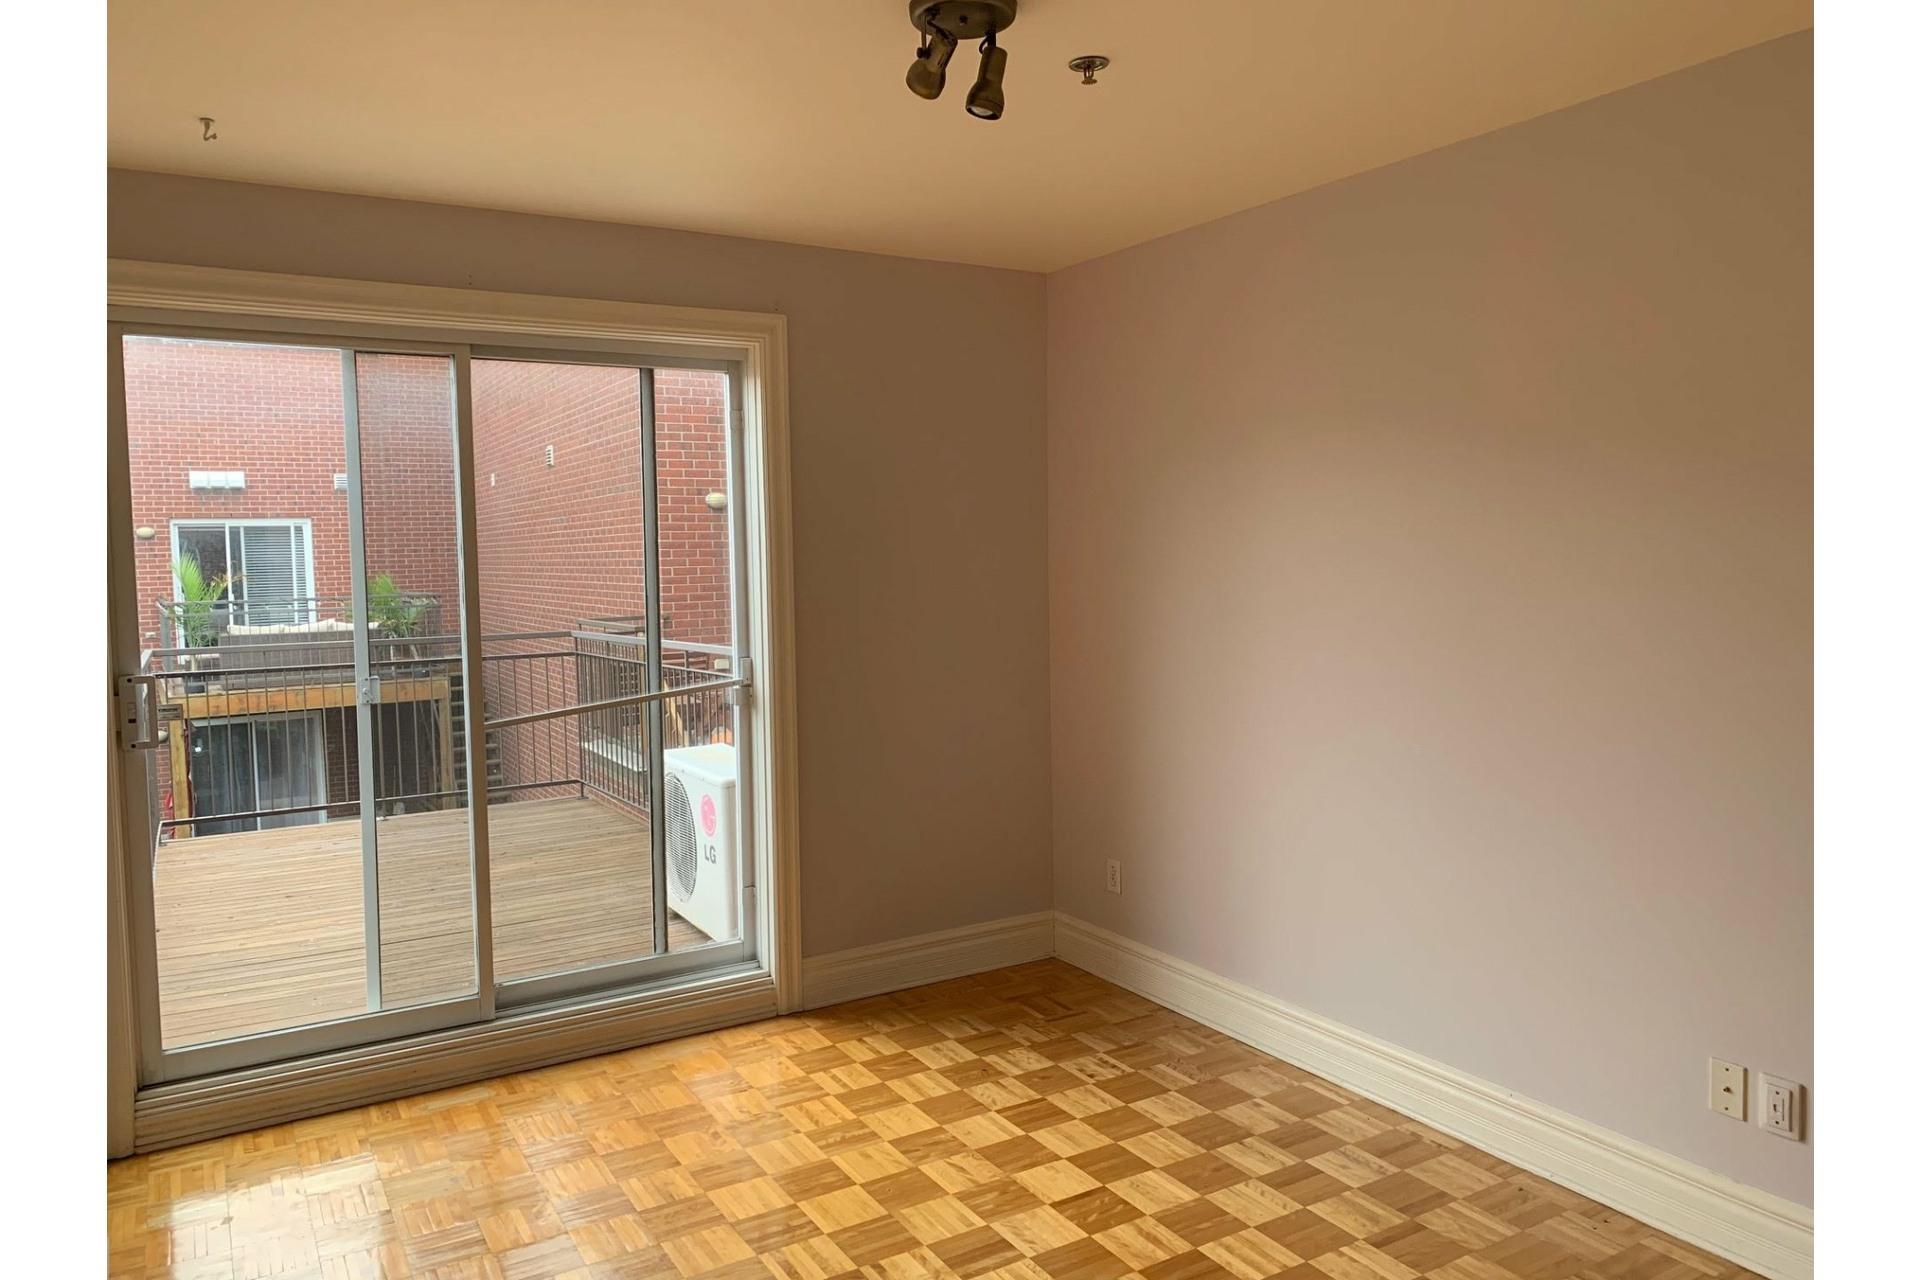 image 11 - Apartment For rent Ville-Marie Montréal  - 9 rooms